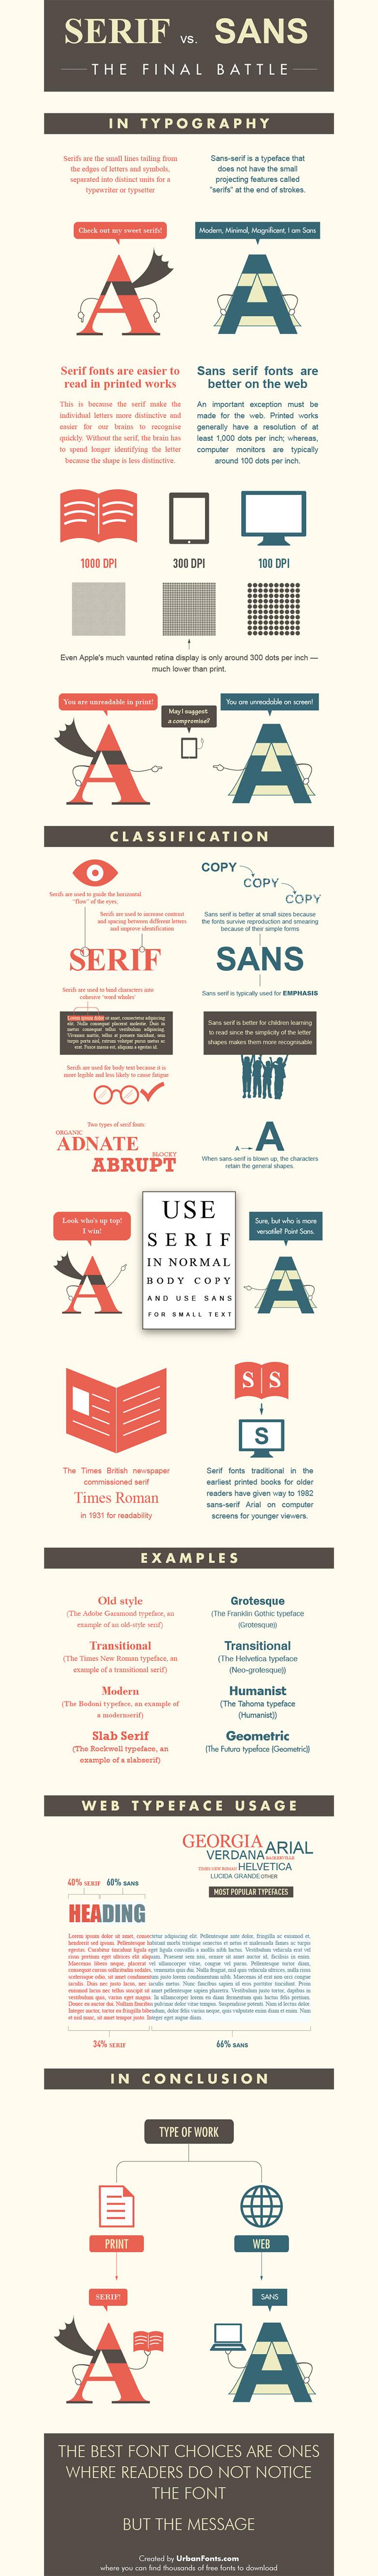 Serif versus Sans-Serif